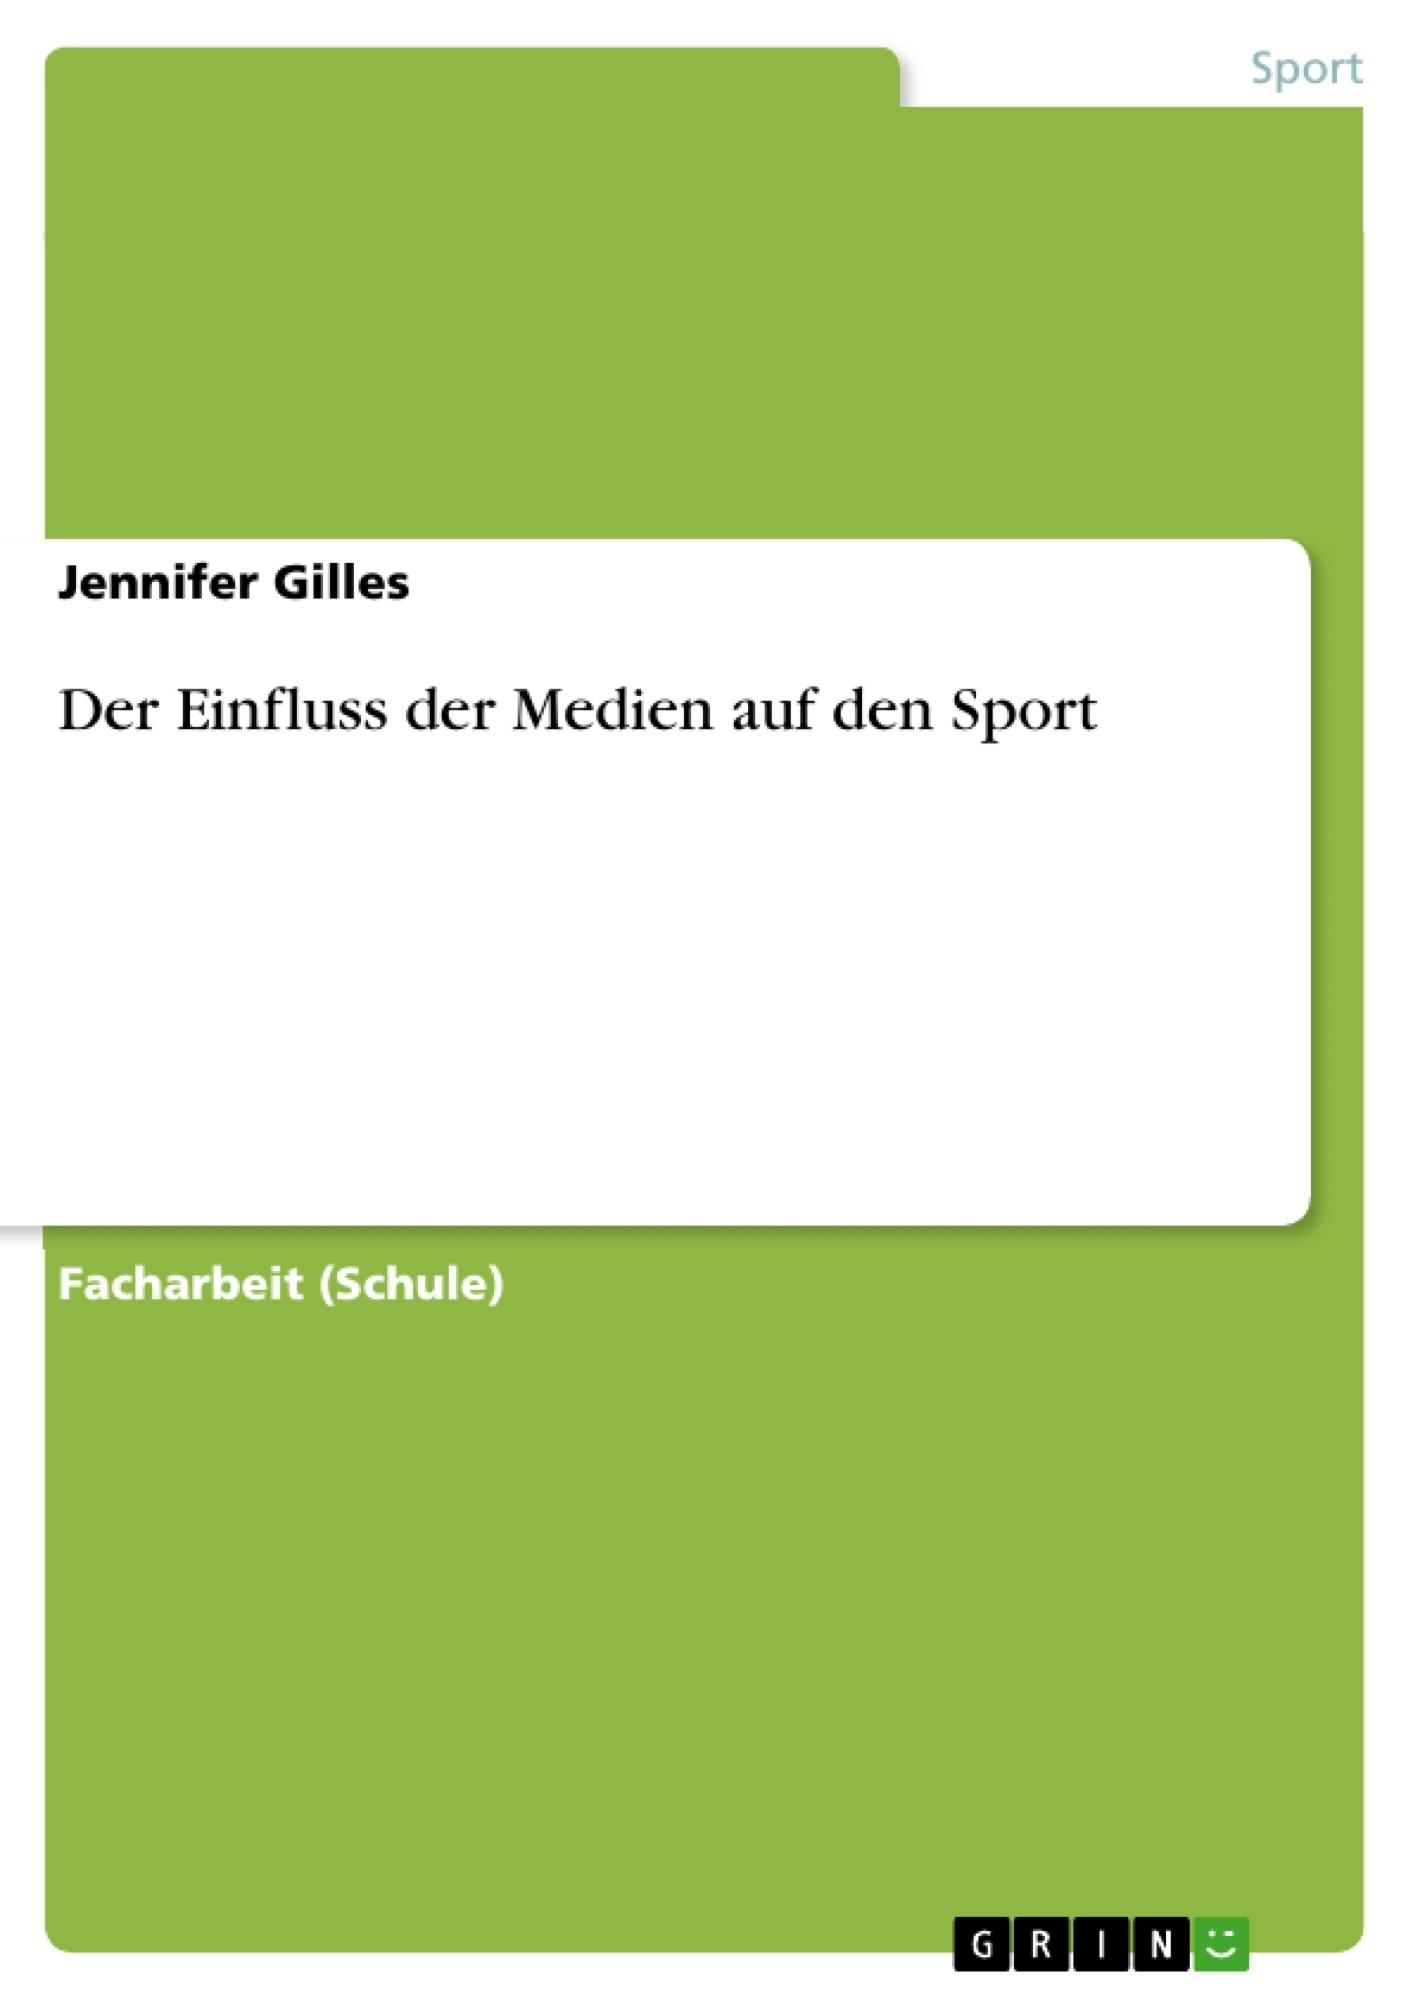 Titel: Der Einfluss der Medien auf den Sport